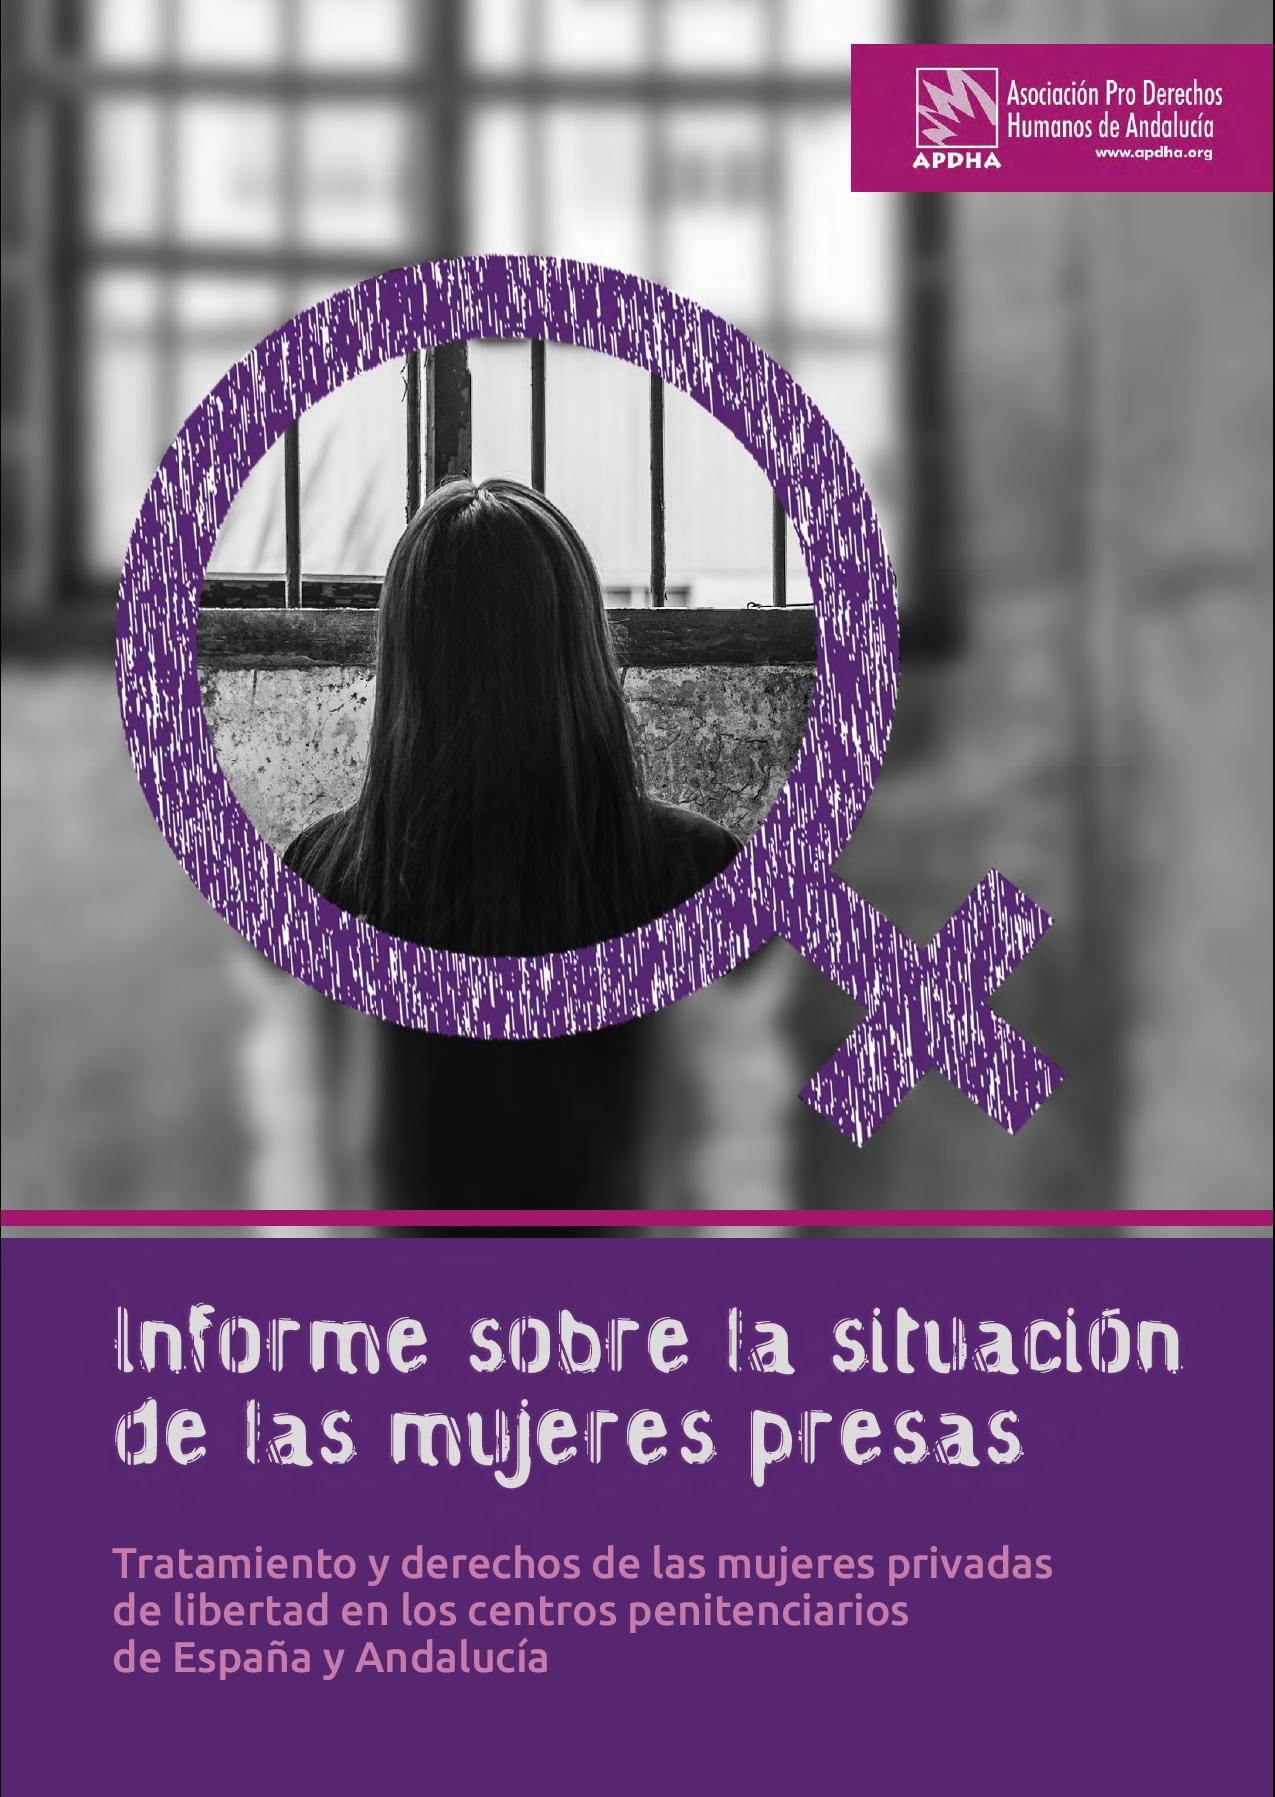 Informe situación mujeres presas España